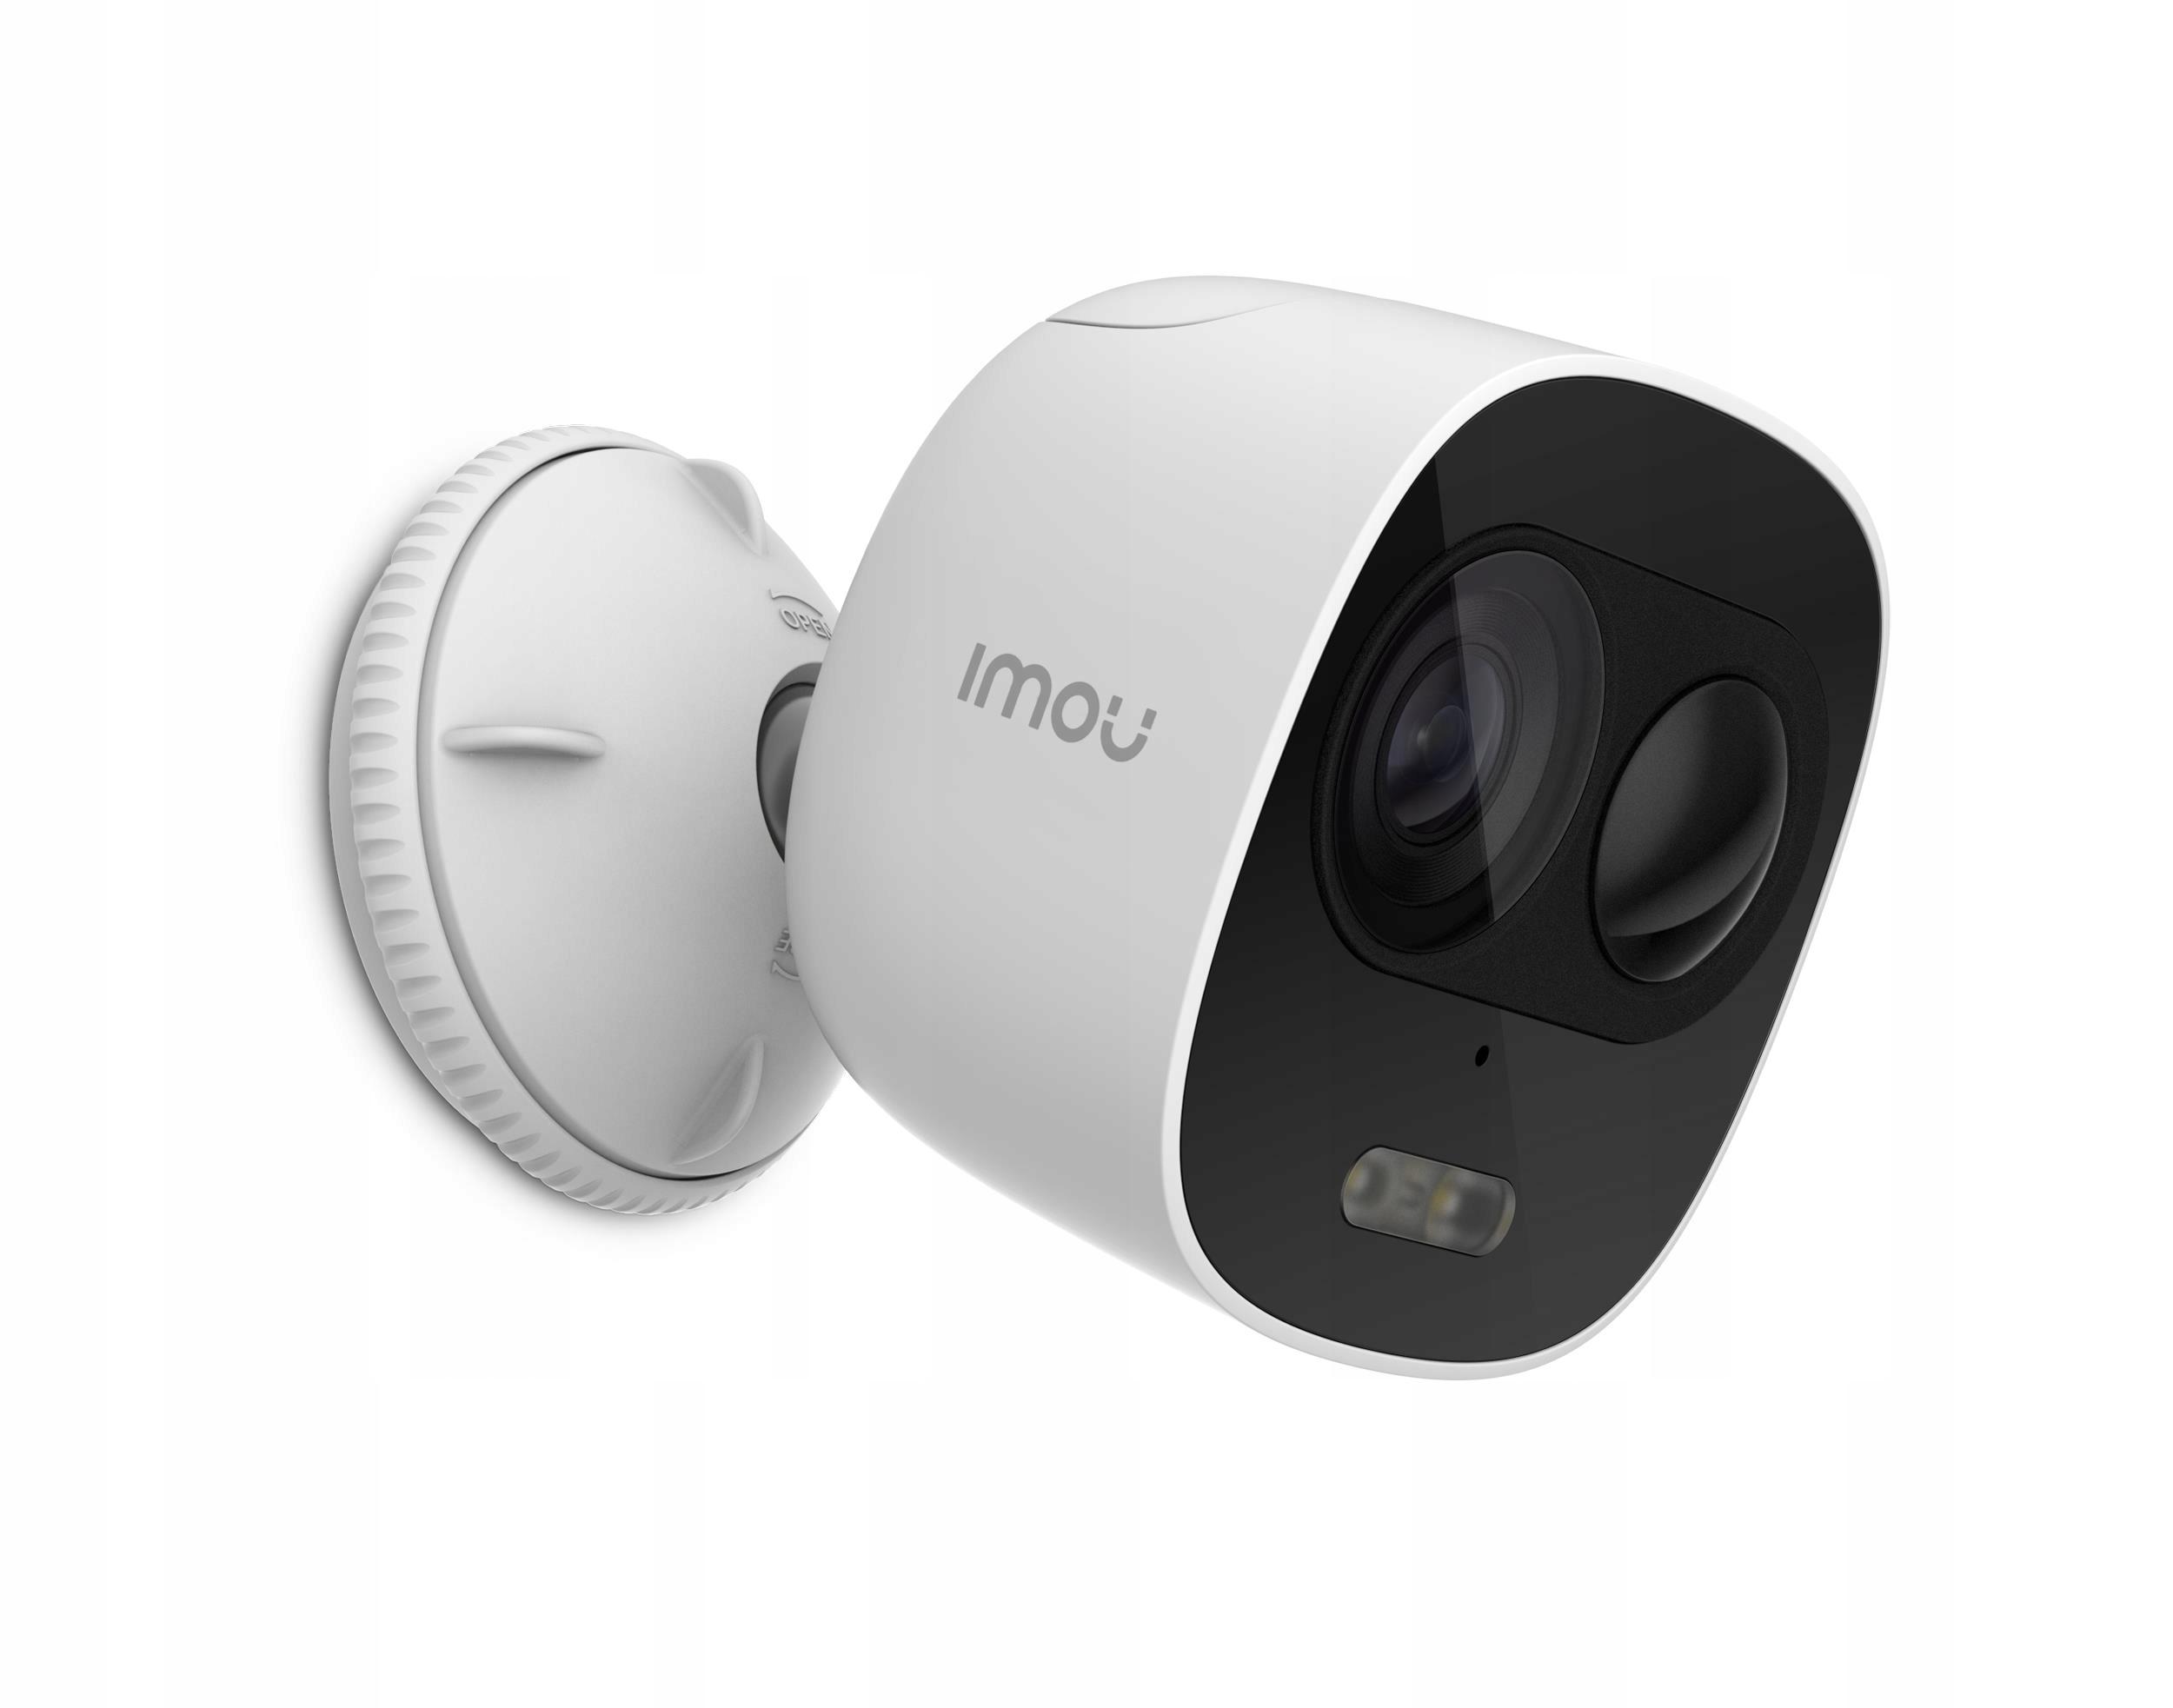 Kamera Wi-Fi Full Hd 2 Mpx syrena 110 db